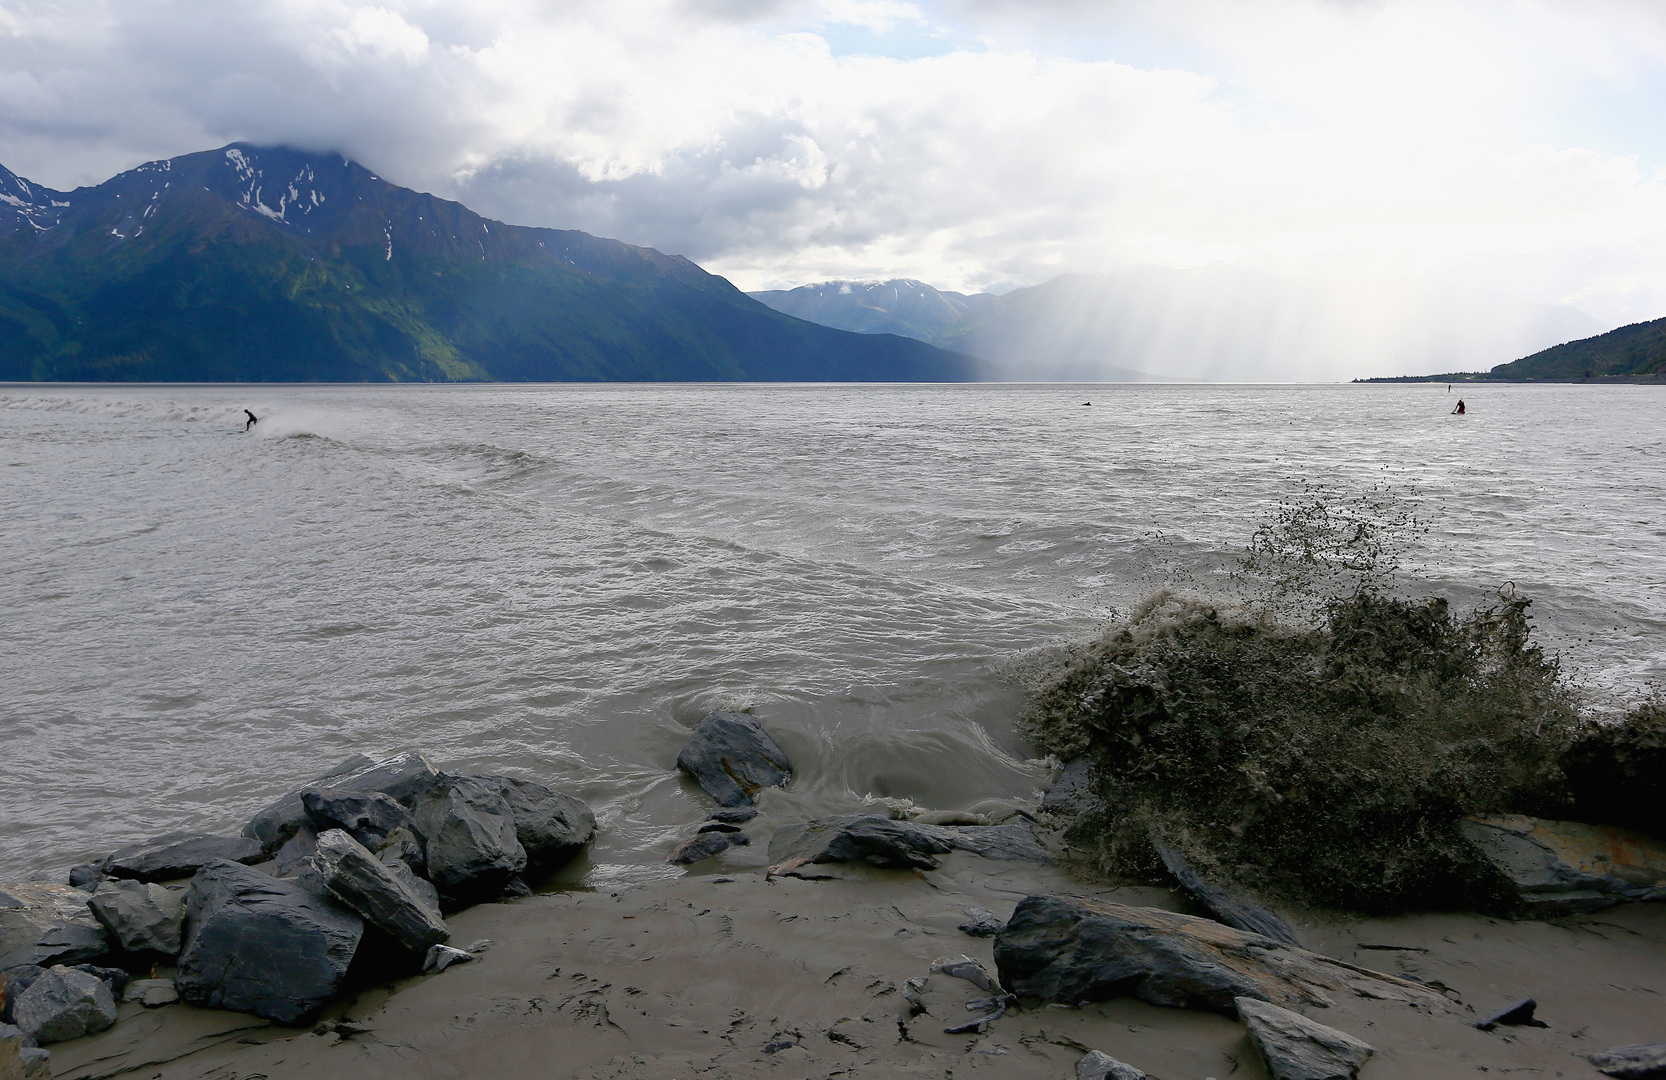 هزة أرضية بقوة 5.7 درجة في ولاية ألاسكا الأمريكية